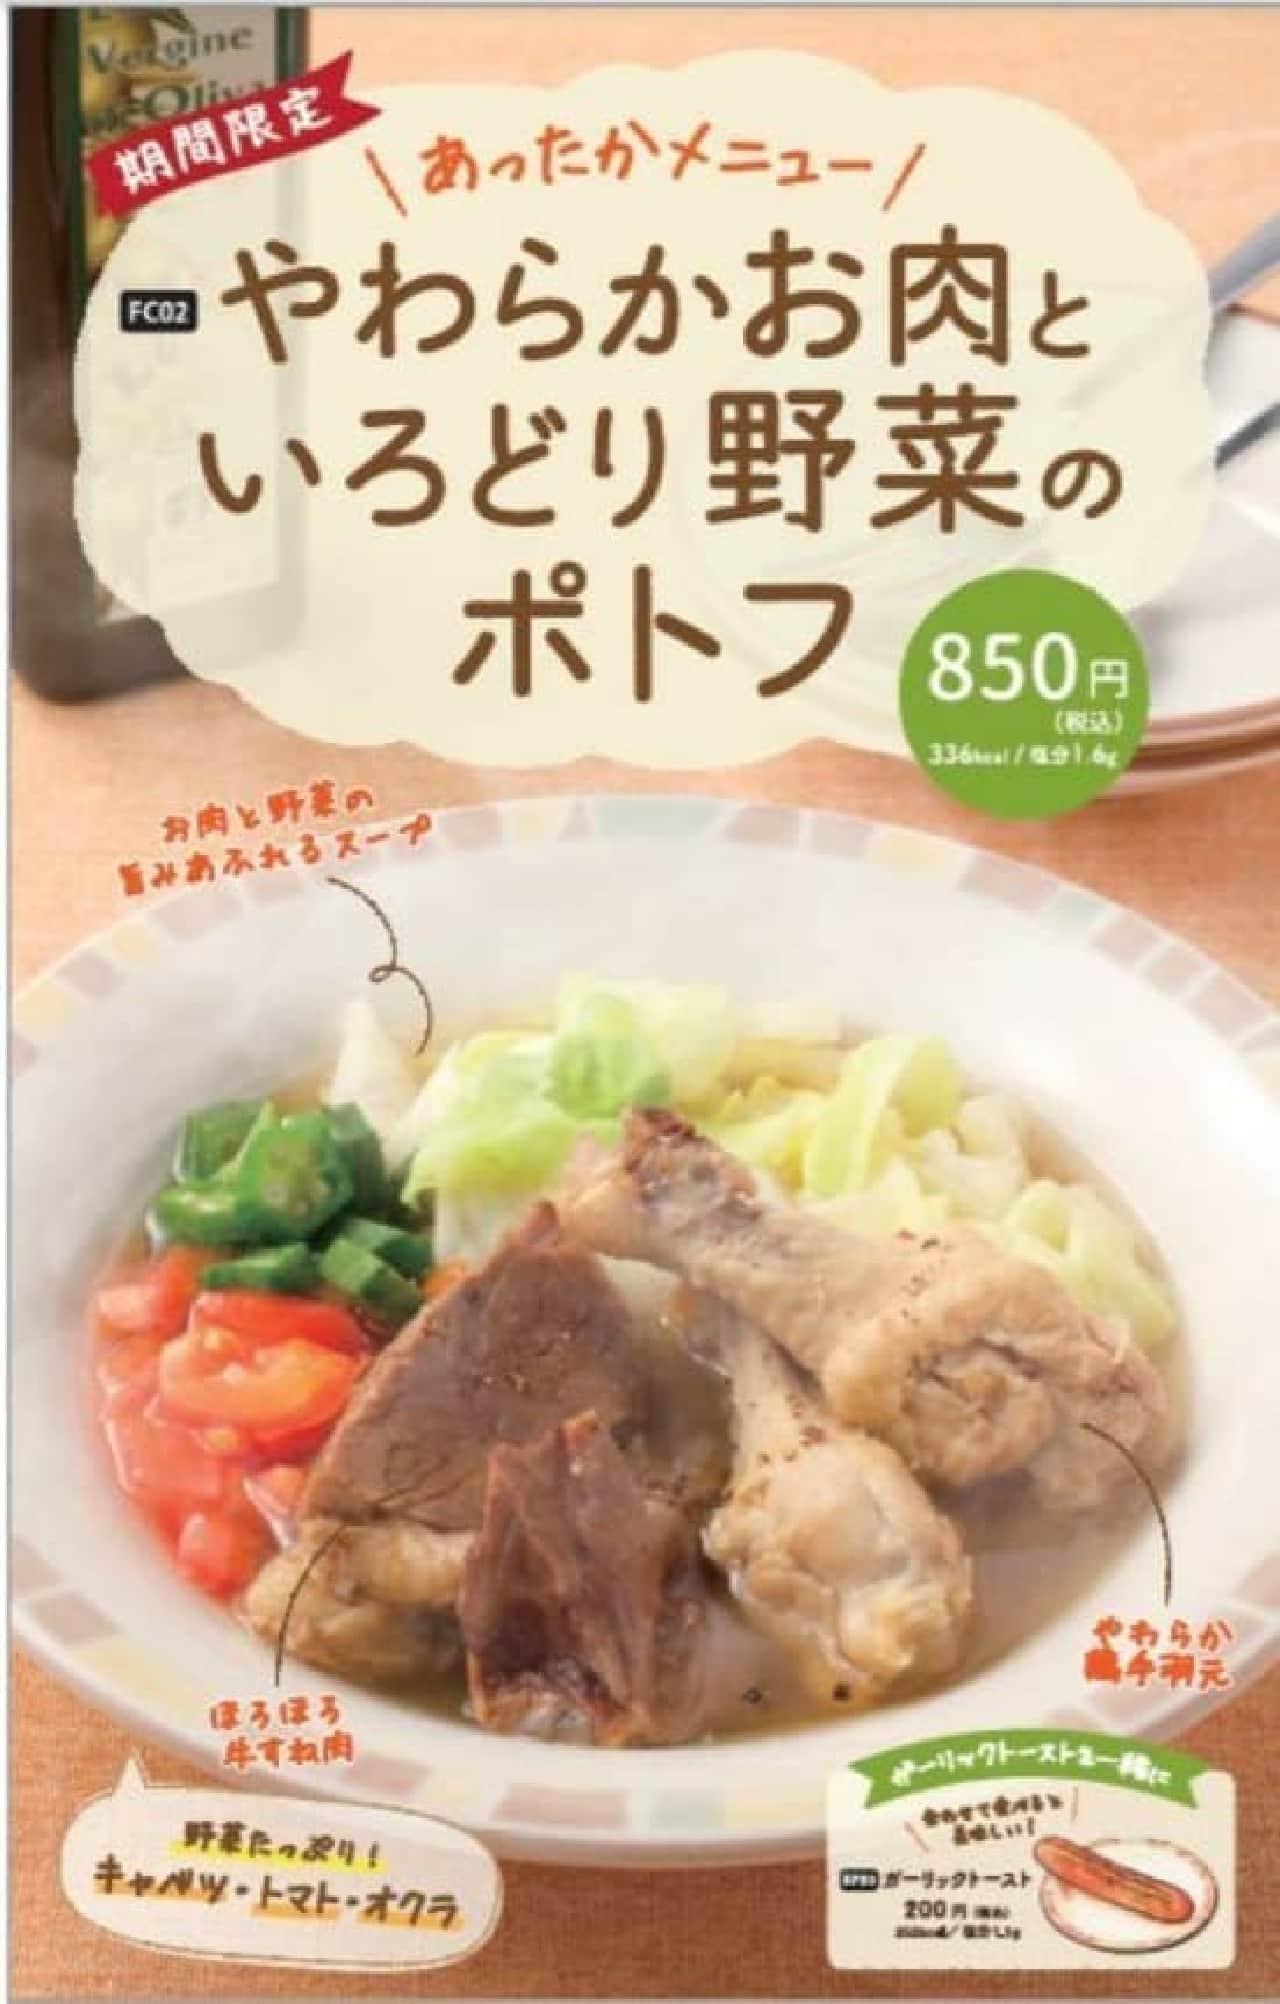 サイゼリヤ「やわらかお肉といろどり野菜のポトフ」